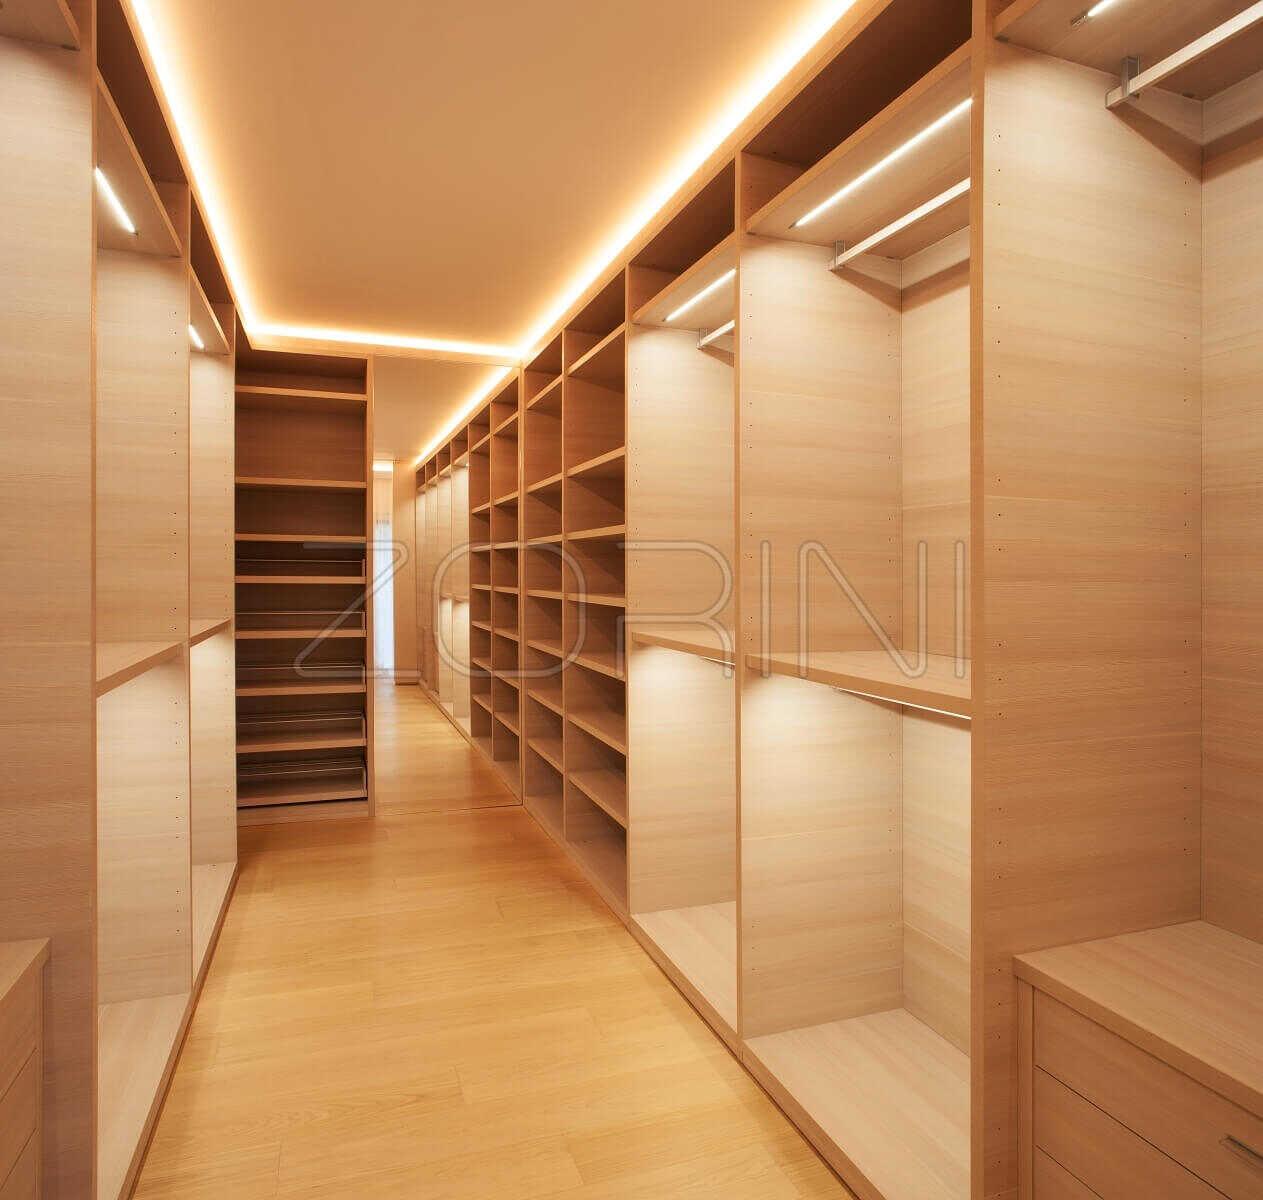 Встроенная гардеробная Роттердам  - фото